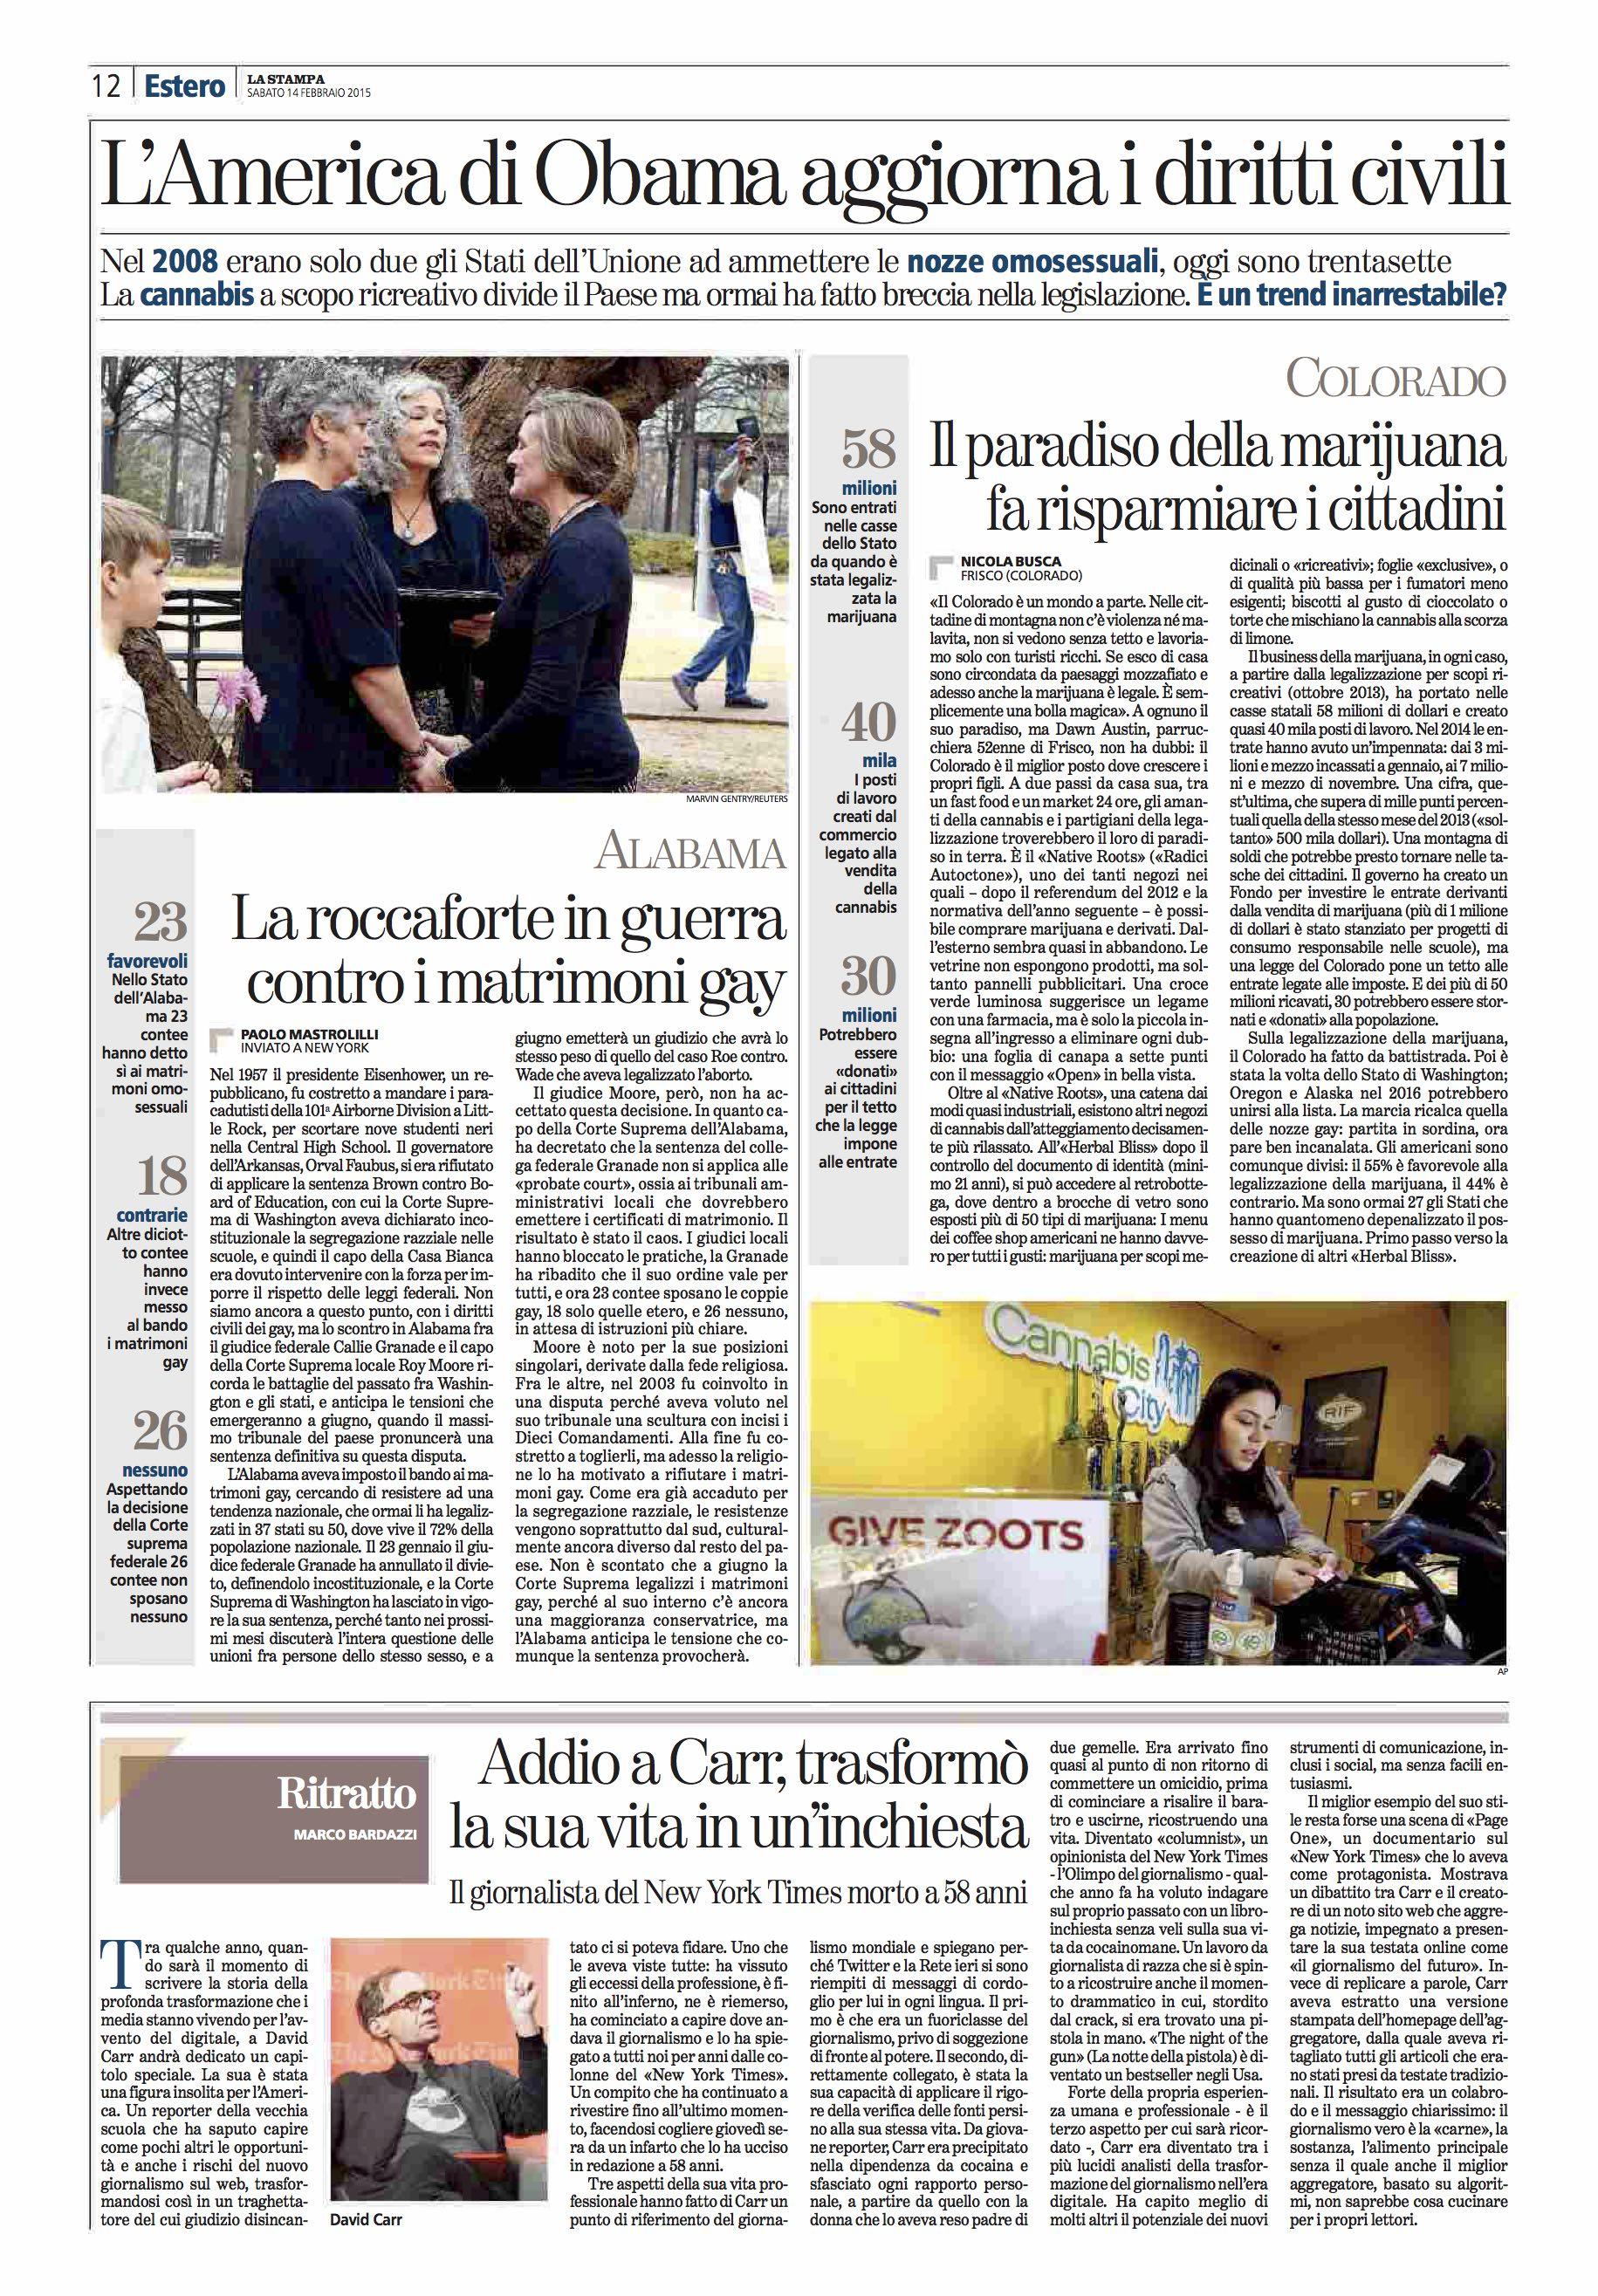 La Stampa (ITA). Reportage on the marijuana incomes in Colorado. 02-14-15